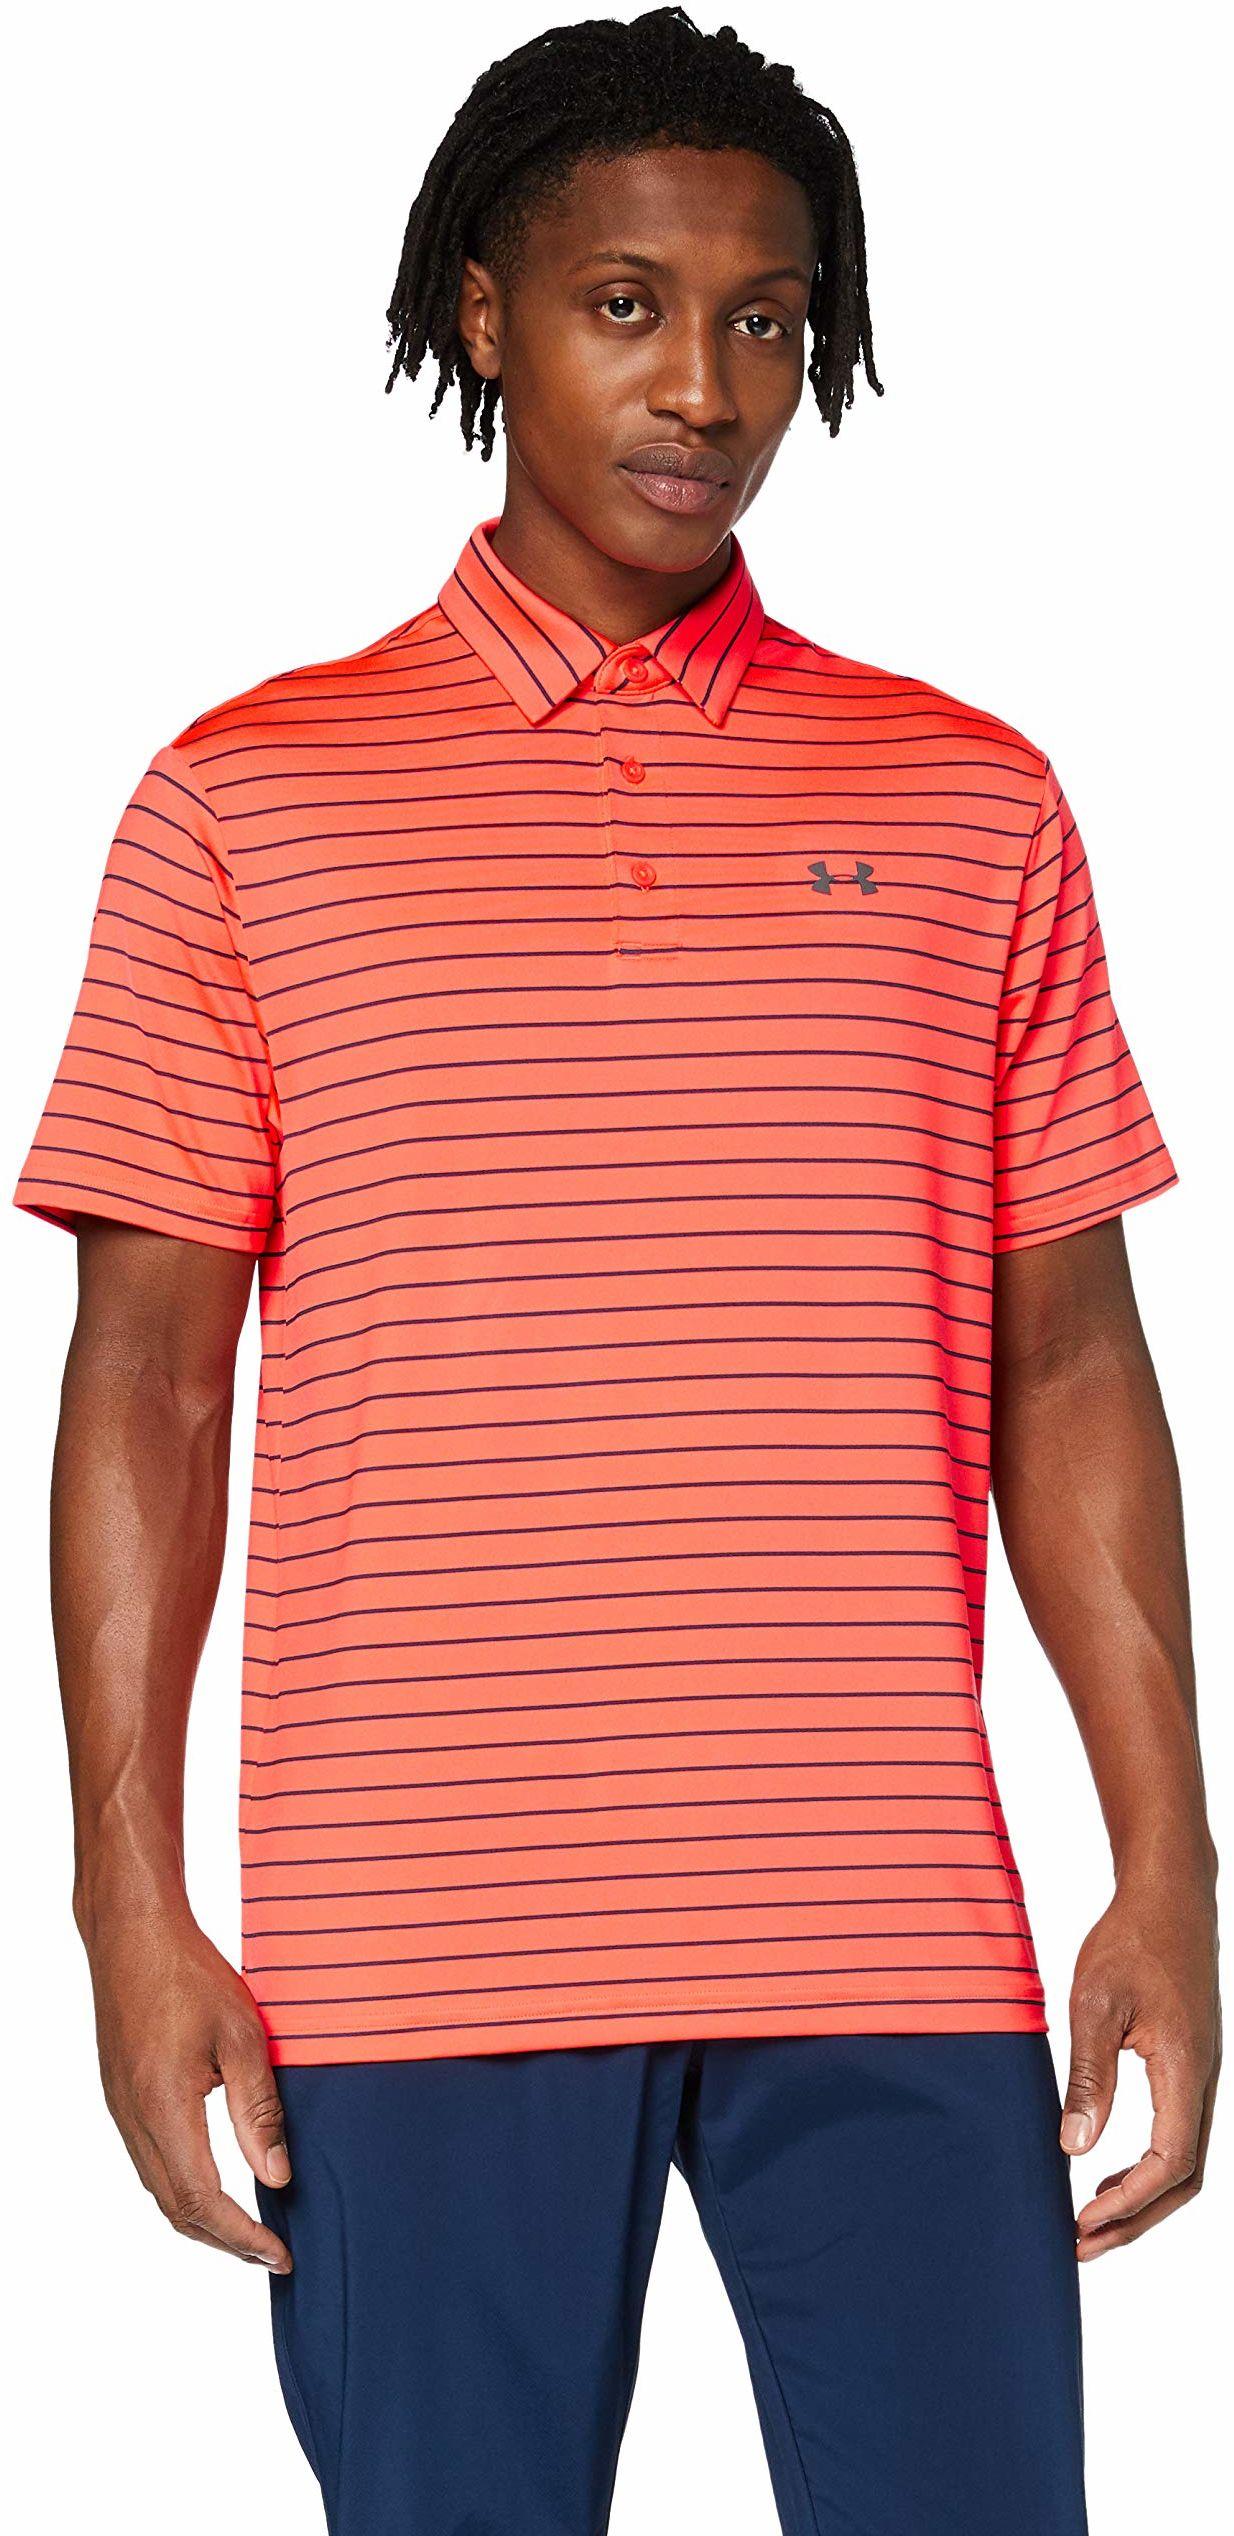 Under Armour Męska koszulka polo Playoff 2.0 Polo oddychająca koszulka sportowa, wygodna i z krótkim rękawem z luźnym dopasowaniem czerwony Beta (628)/Academy XL